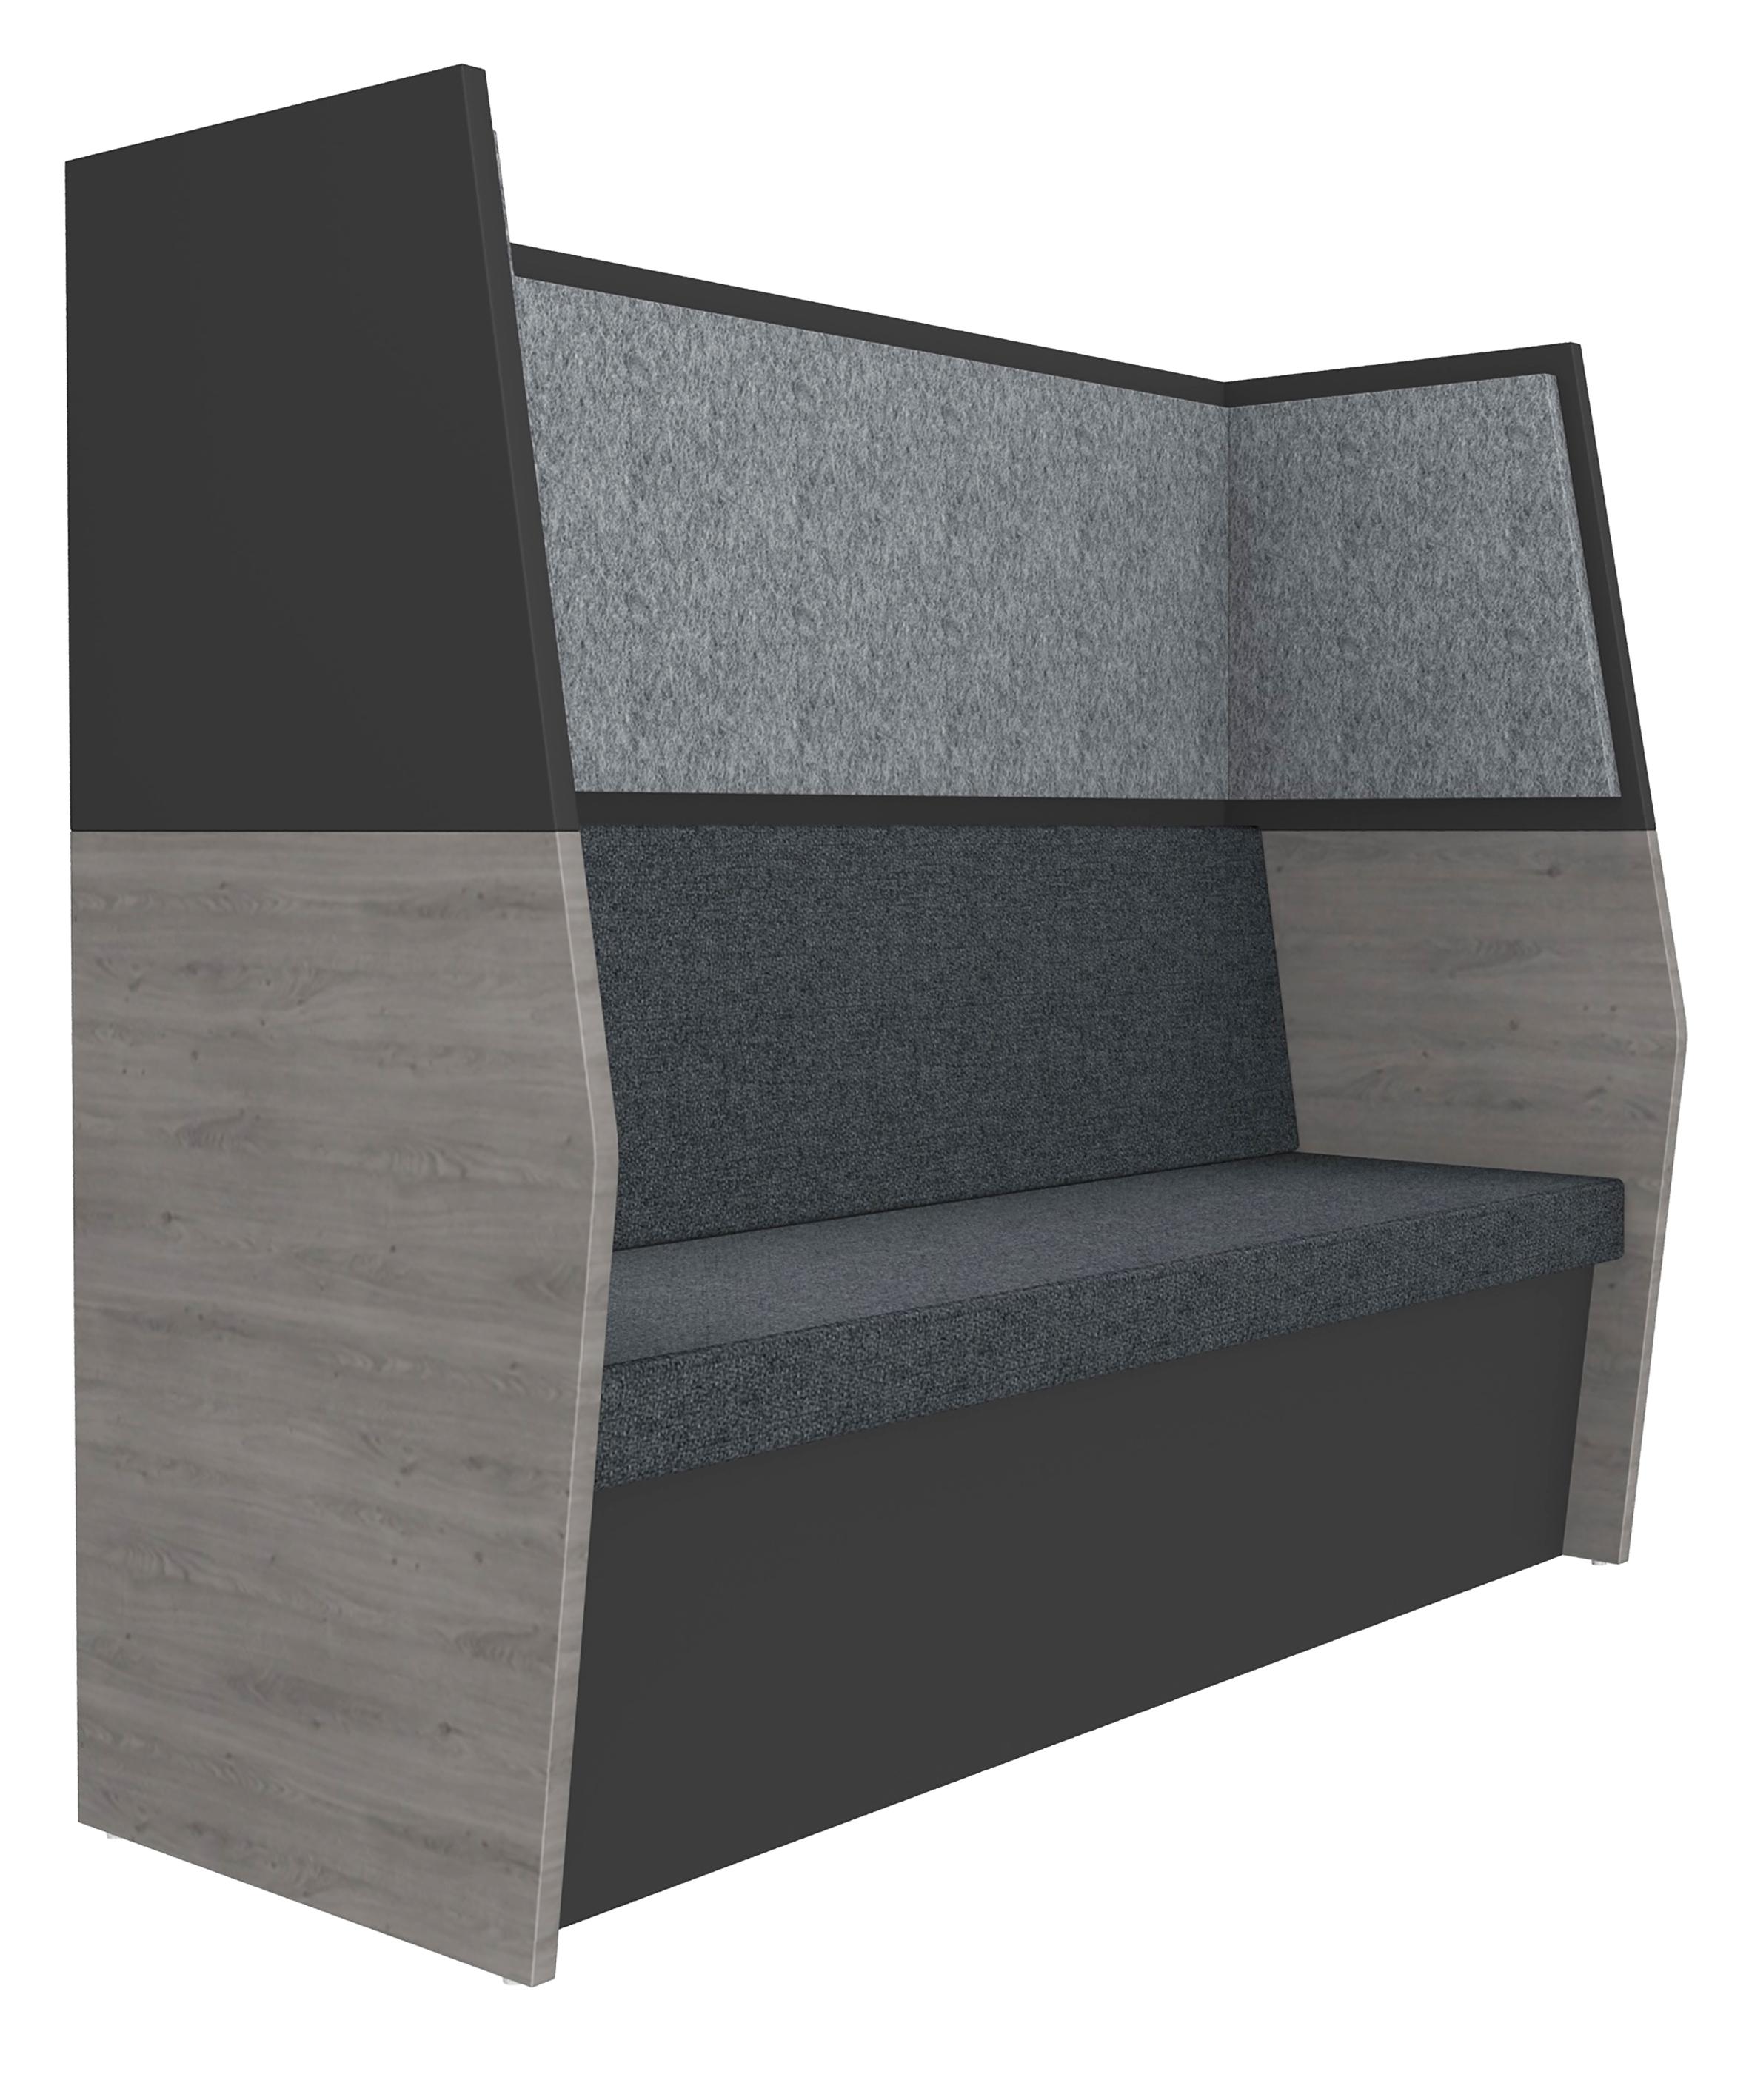 Banquette acoustique IN'TEAM - L170 x H 150 x P170 cm - 3 places - structure chêne gris et carbone - panneaux gris chiné